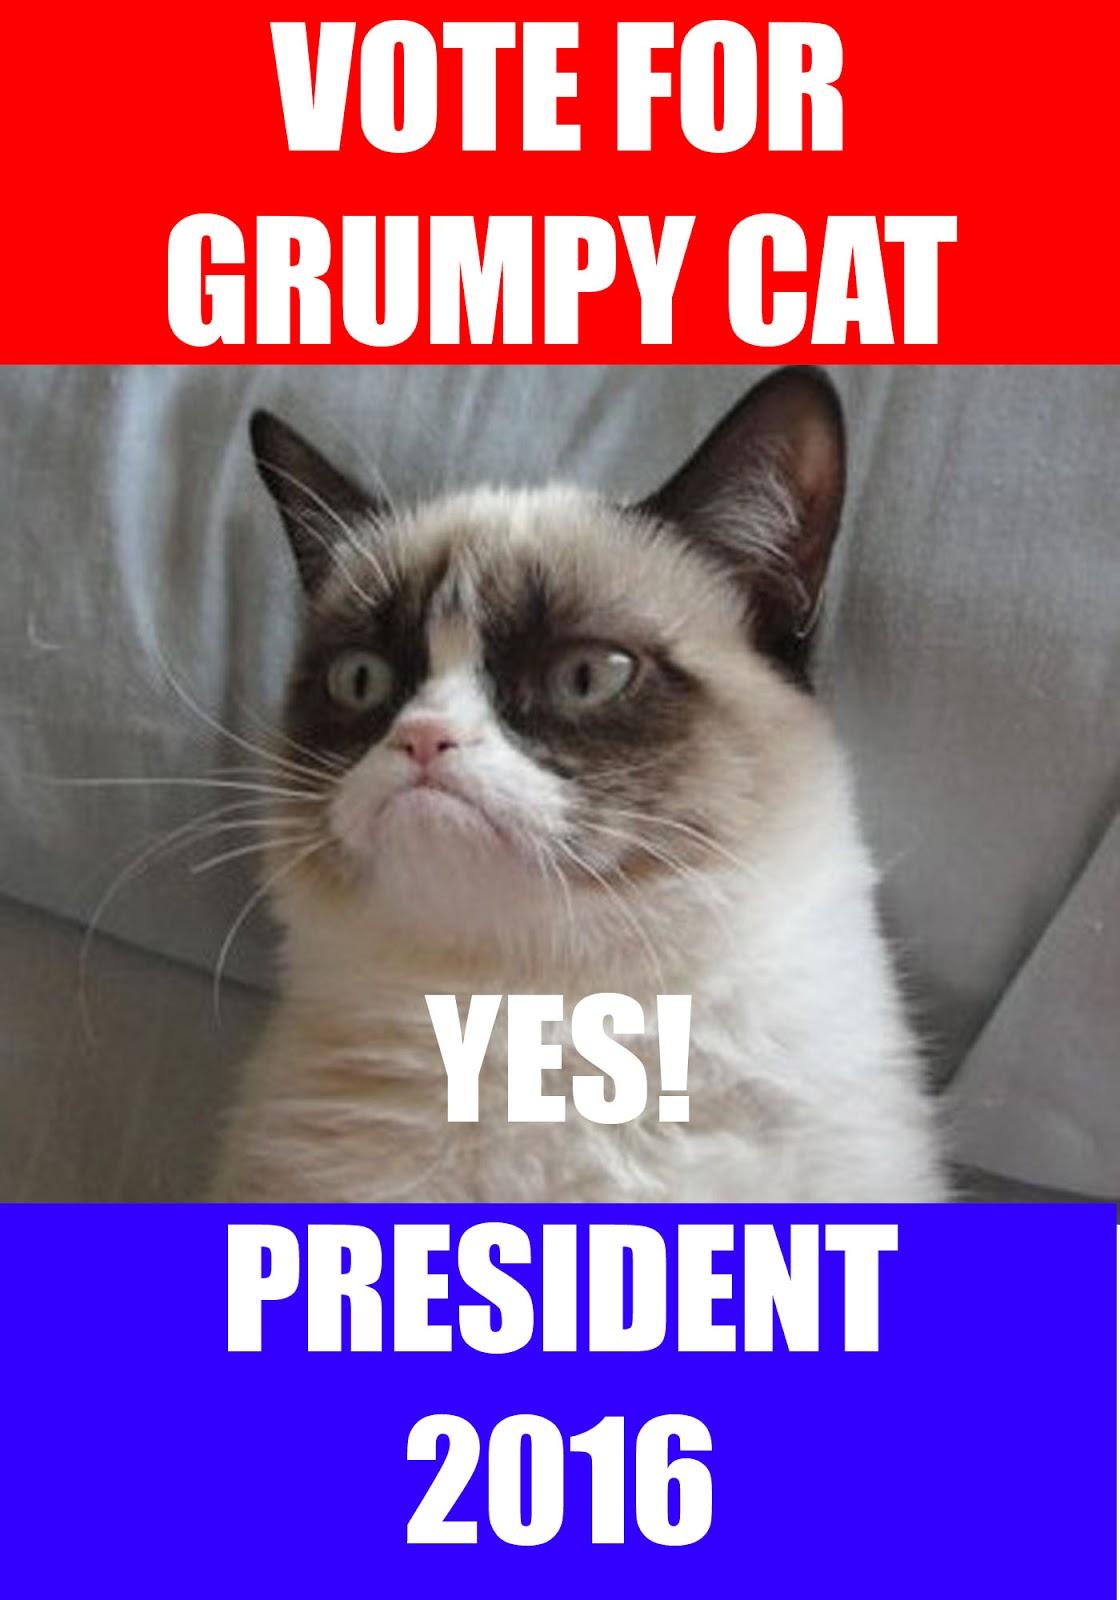 yes cat memes - photo #29